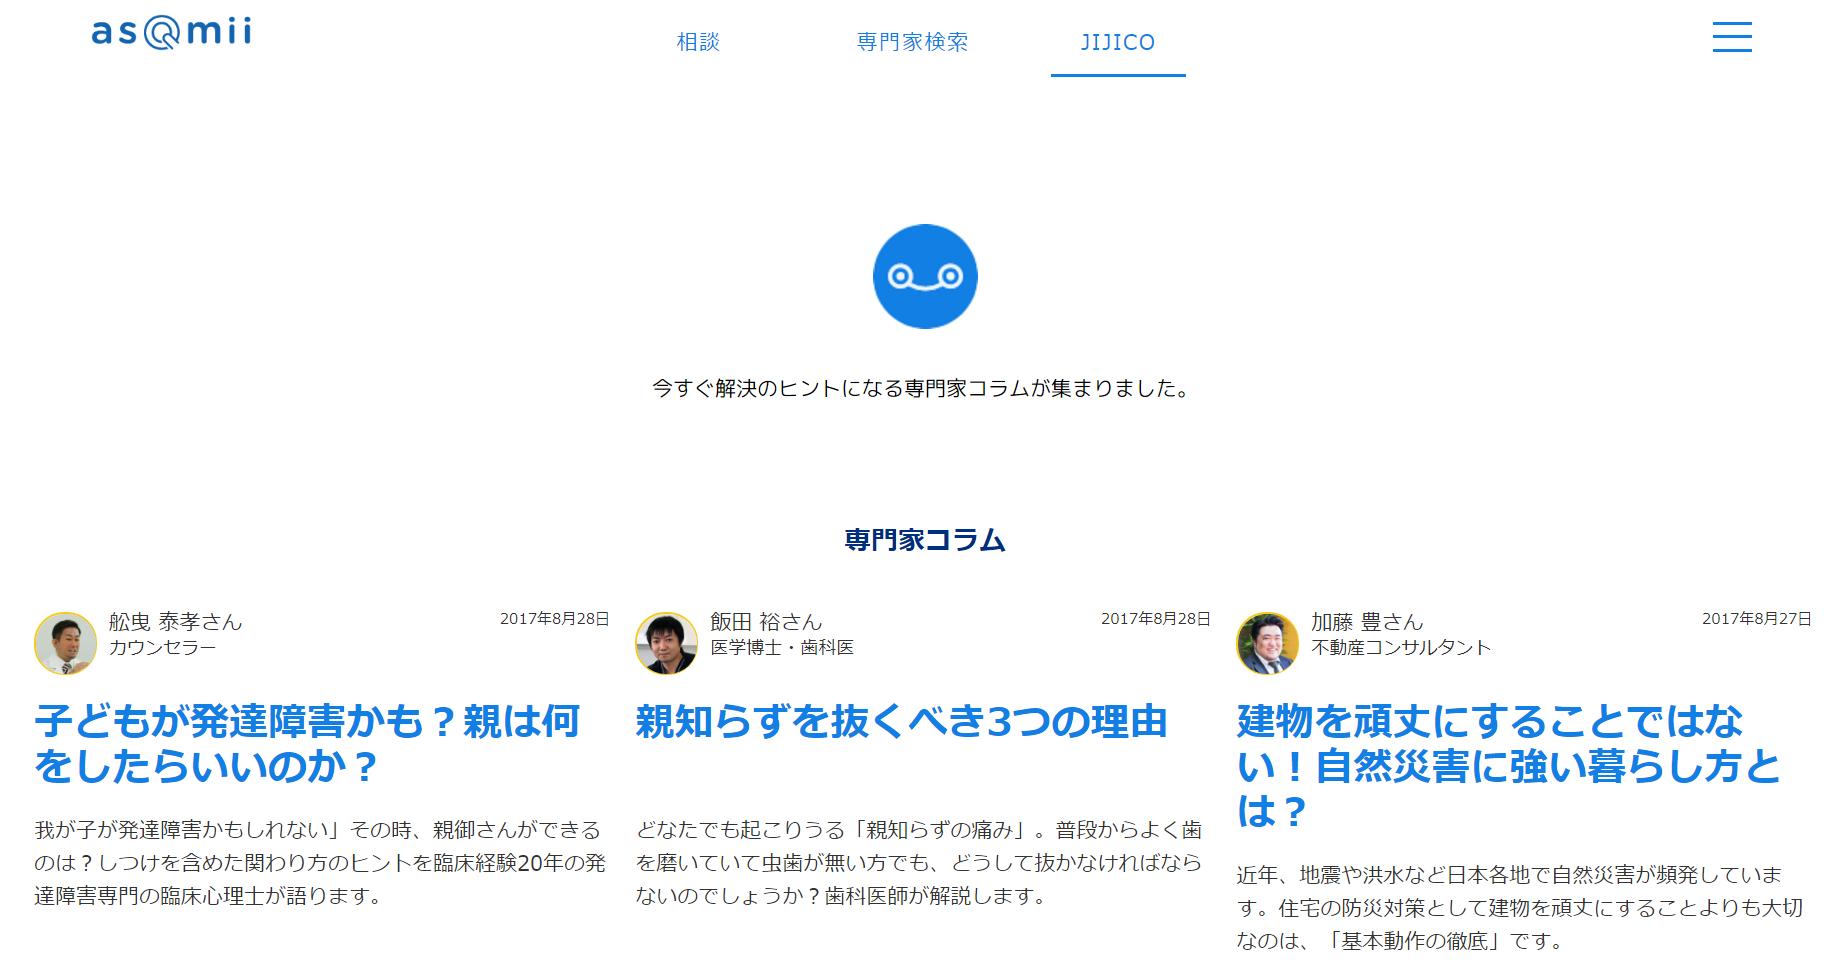 専門家によるニュース解説サイトJIJOCOさんに掲載